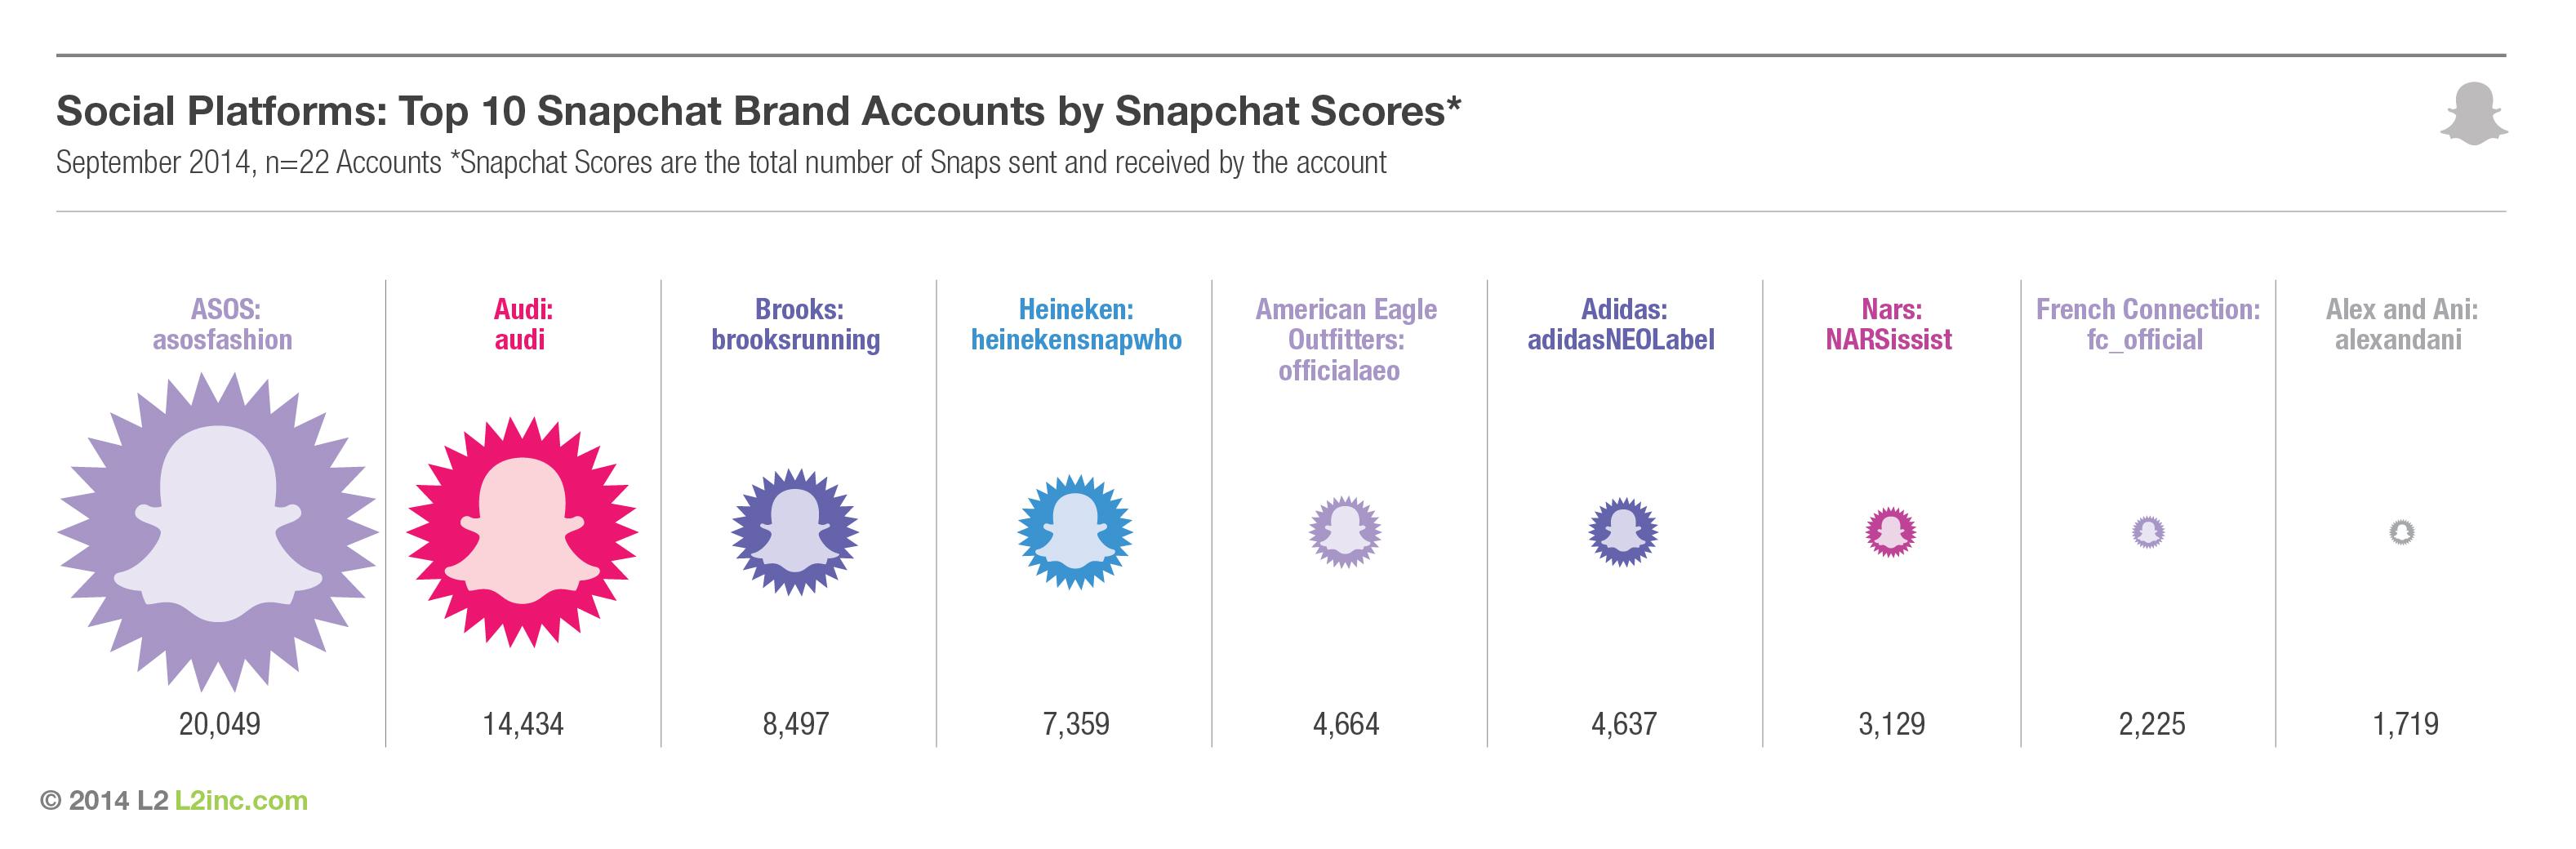 Snapchat varumärken explorecurate